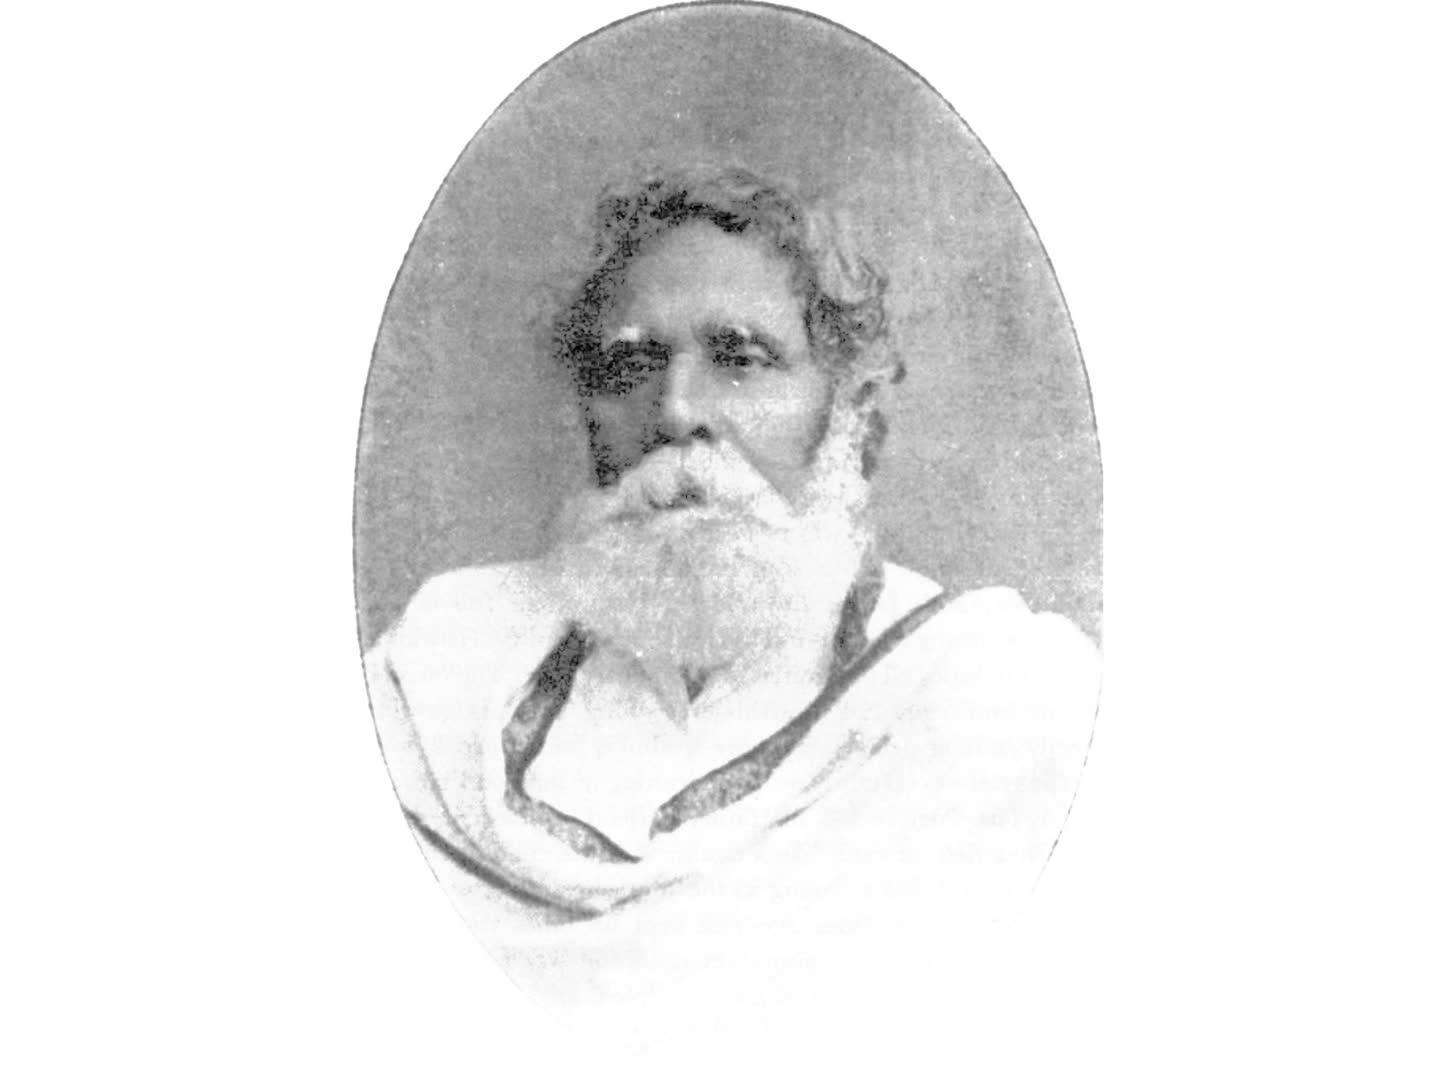 Rajnarain Bose